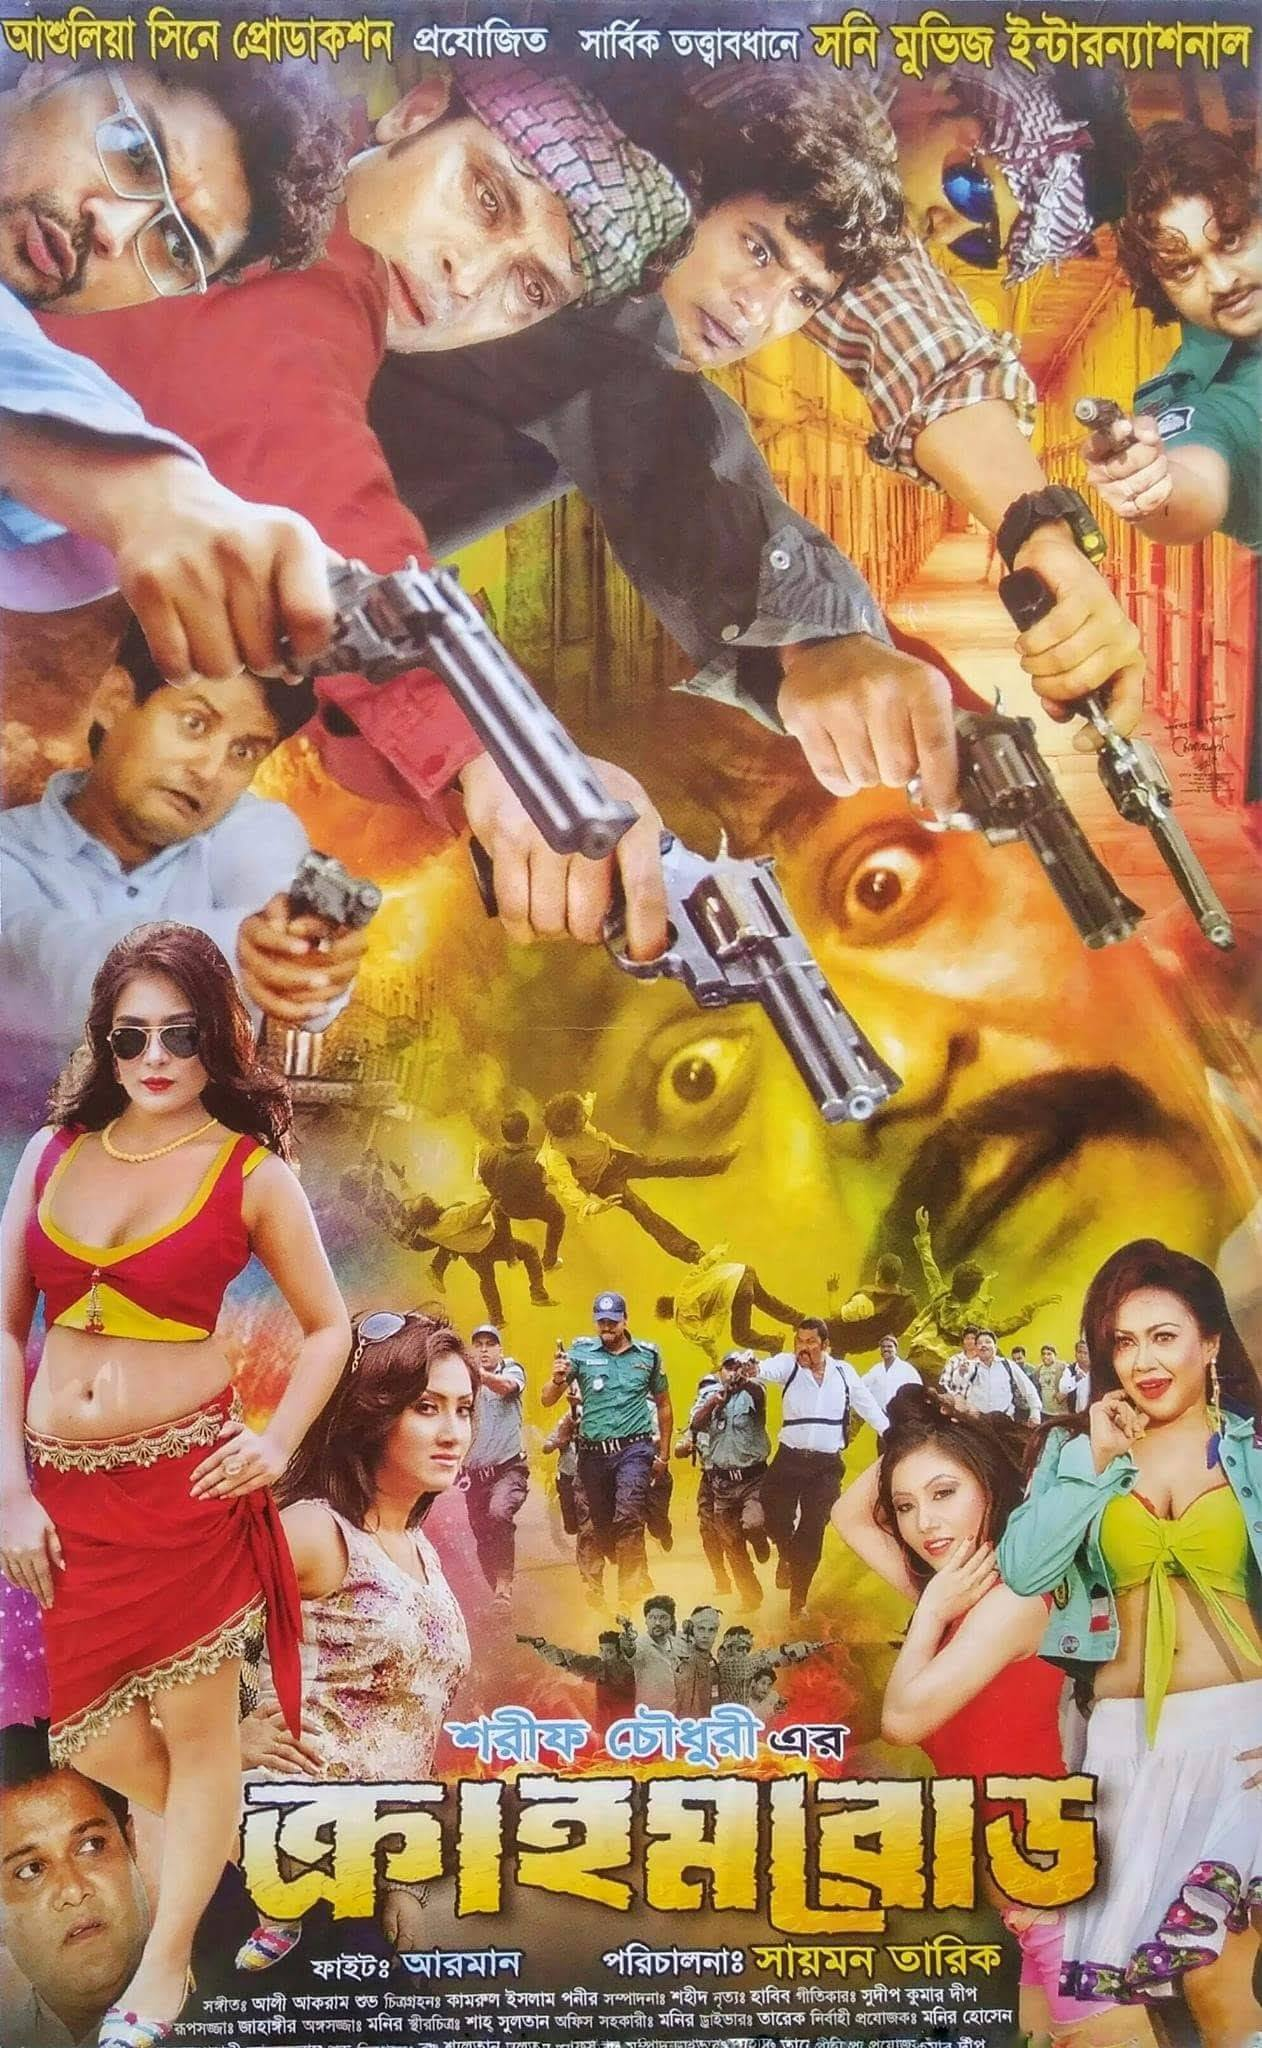 Crime Road (2021) Bangla Full Movie 720p HDRip 800MB Download